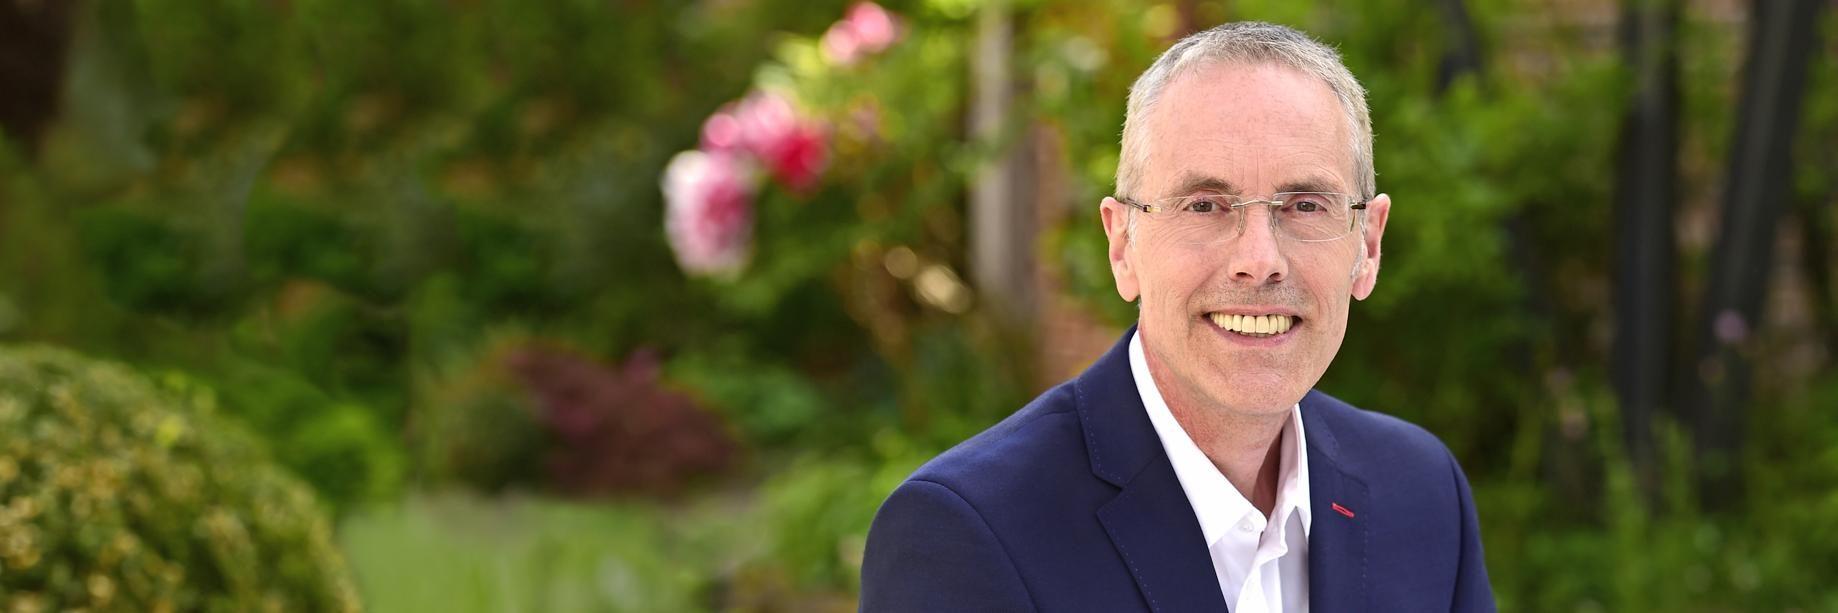 Thomas Neumeyer - Coaching für Führungskräfte